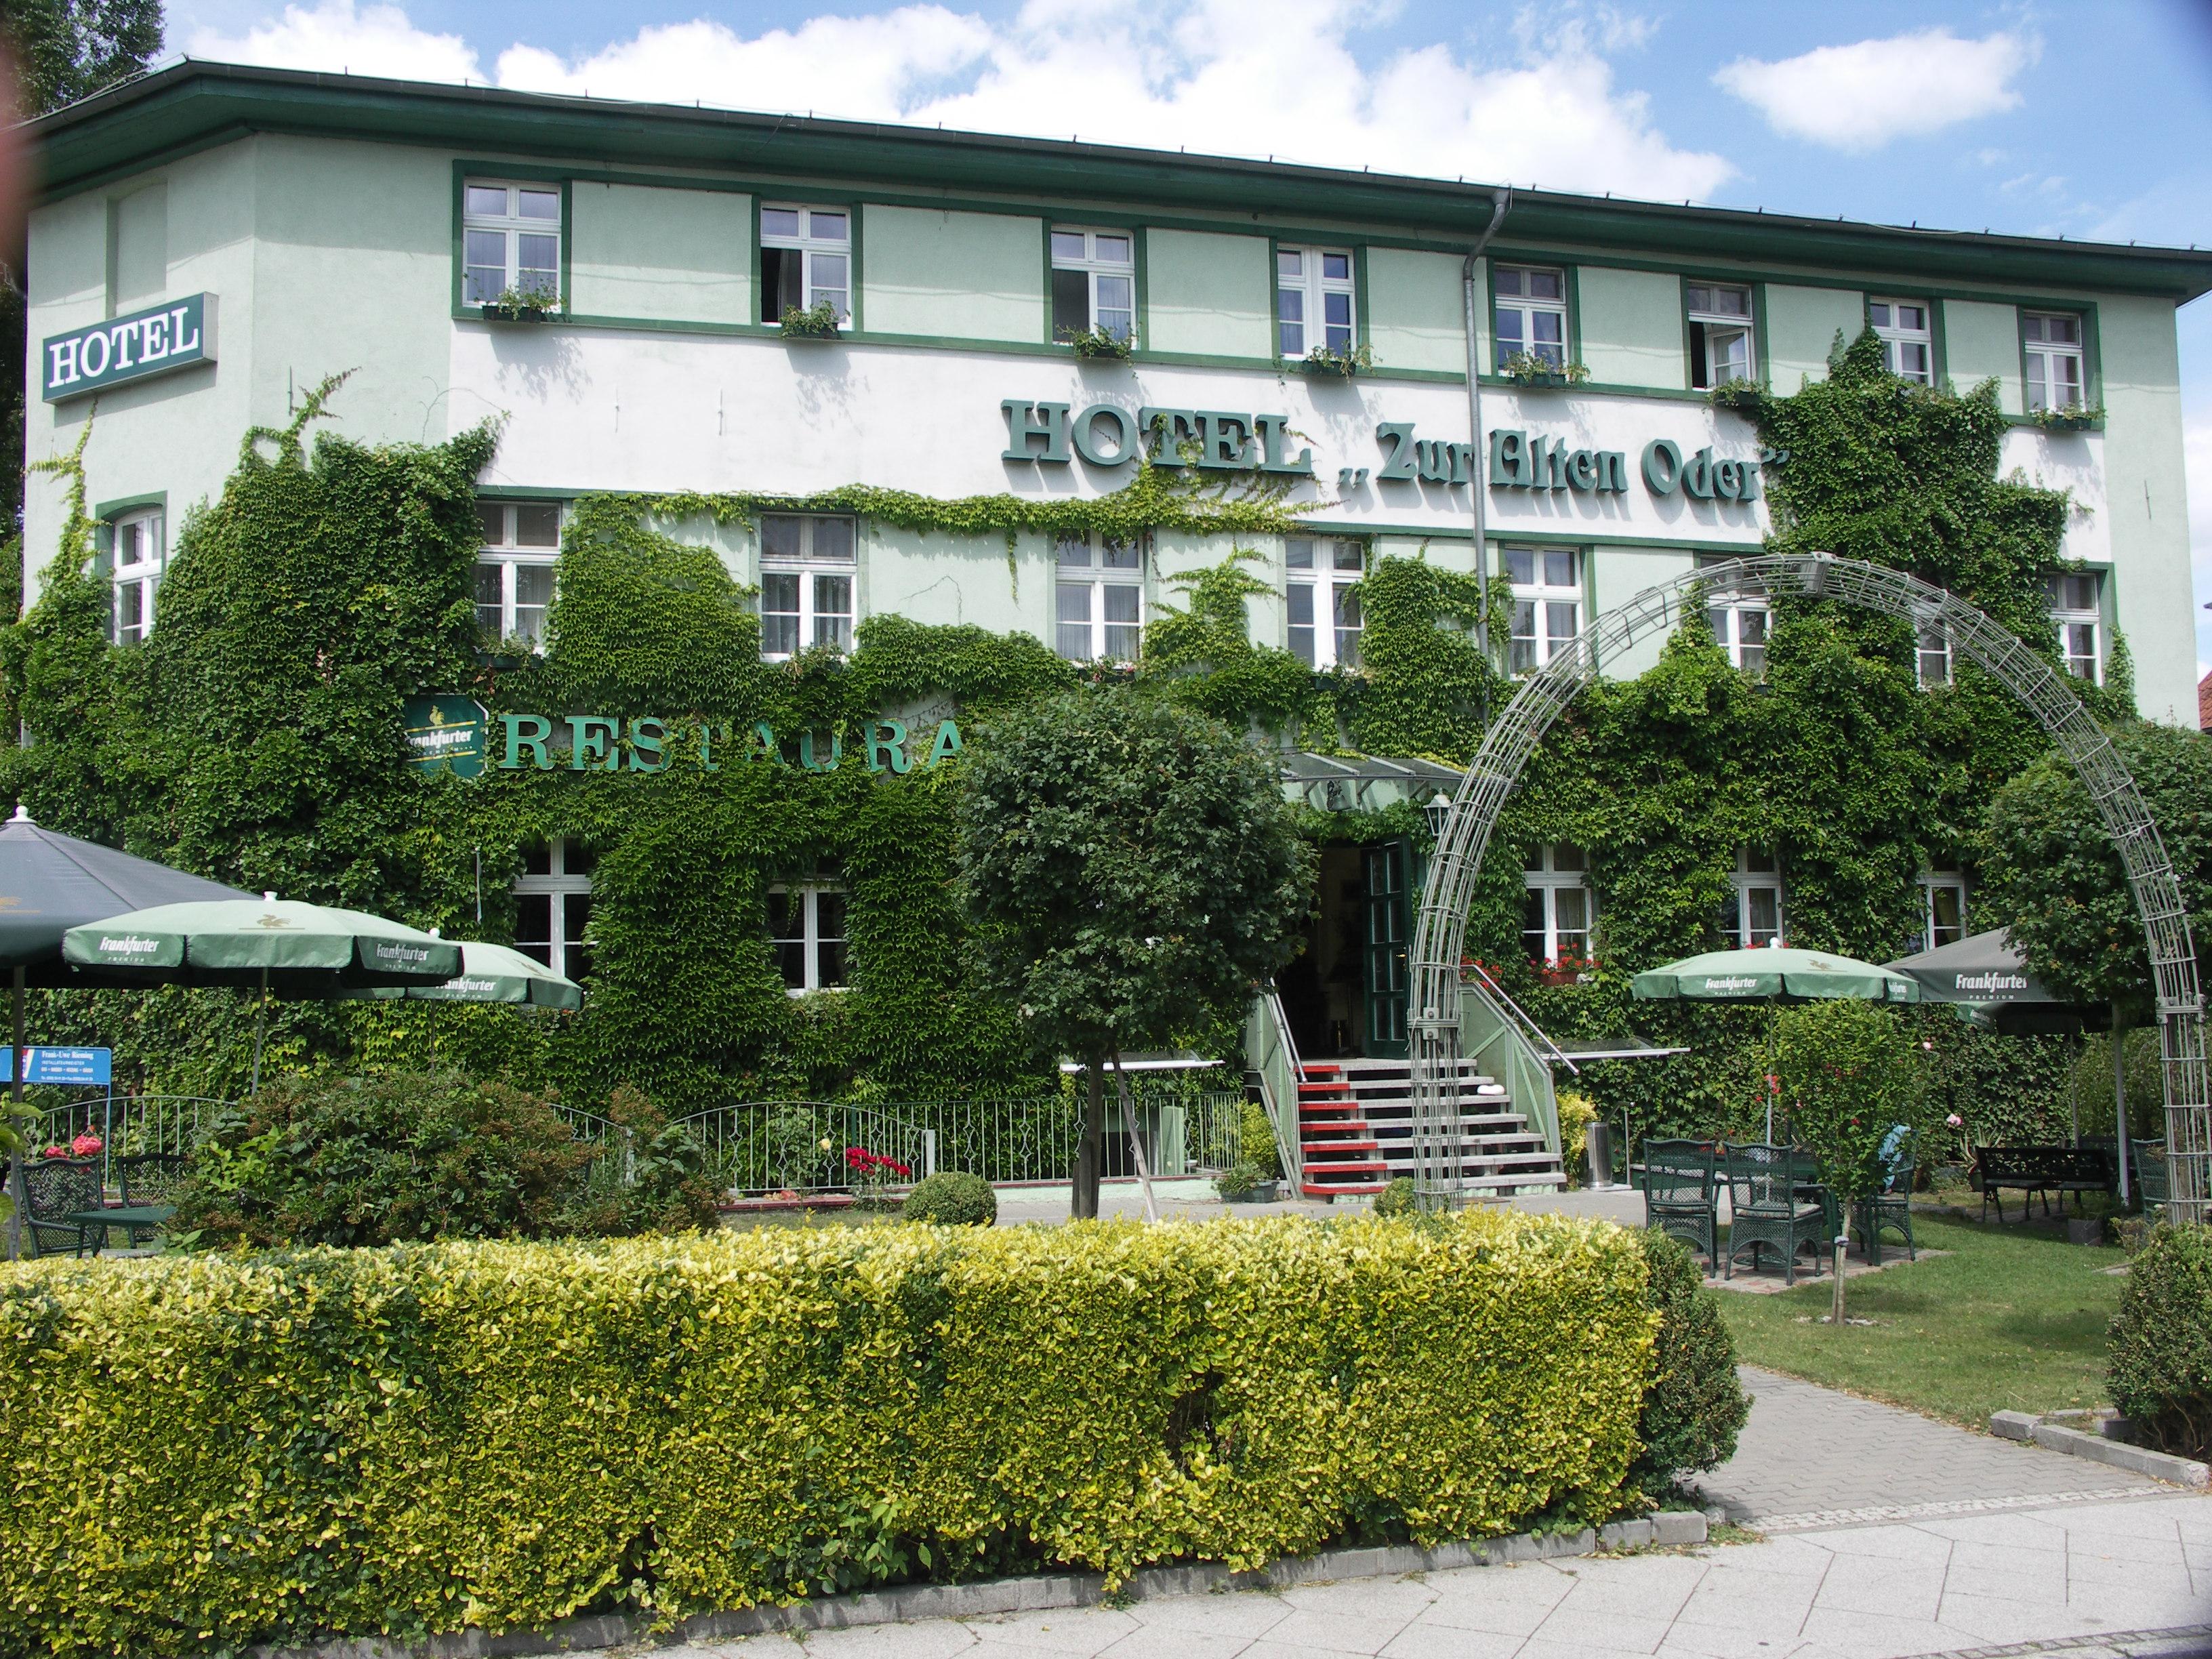 Hotel Zur Alten Oder Frankfurt